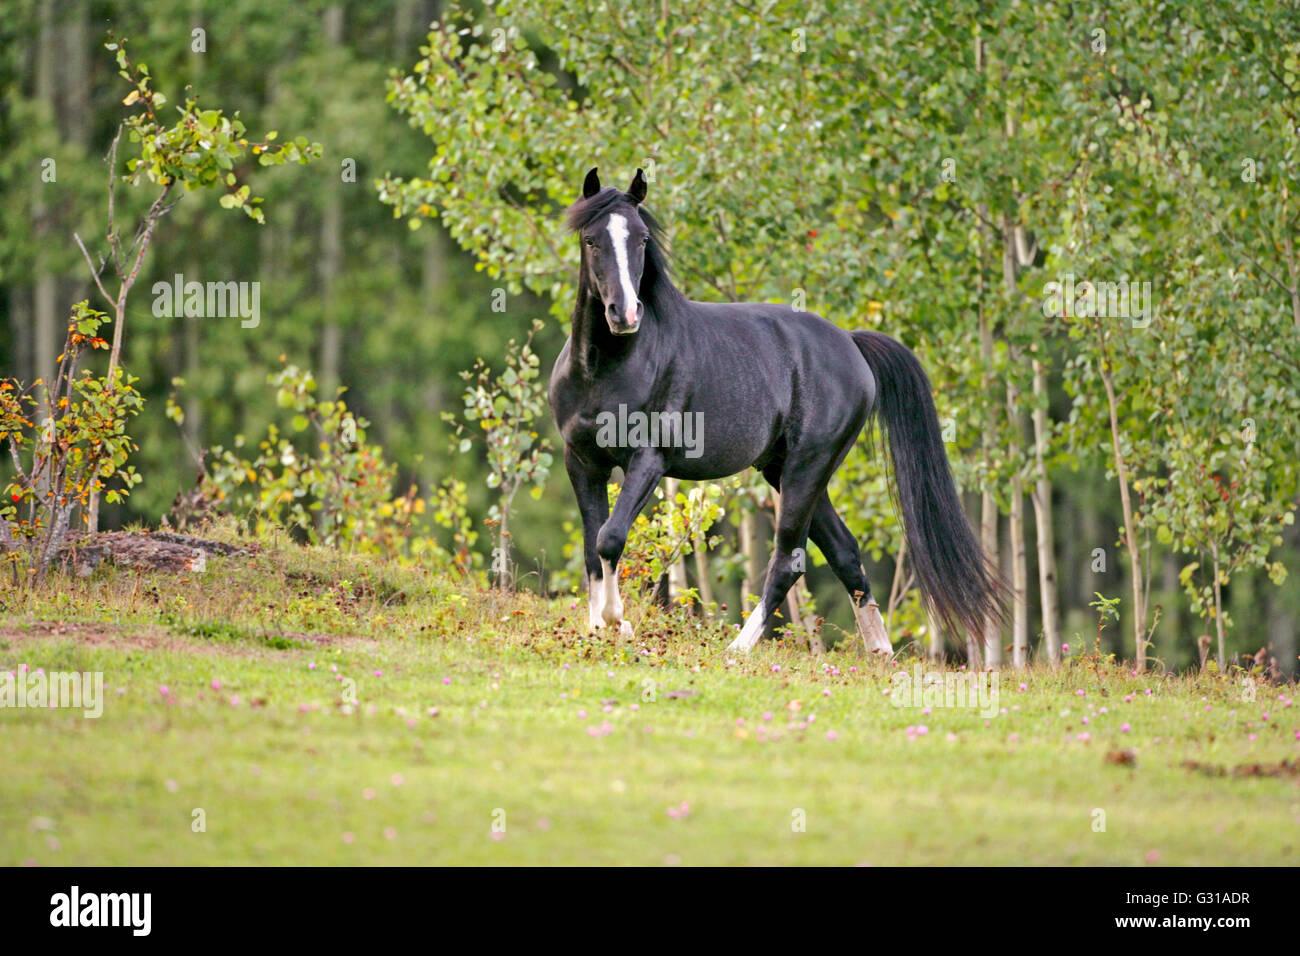 Black Arabian Stallion trotting in meadow of flowers - Stock Image